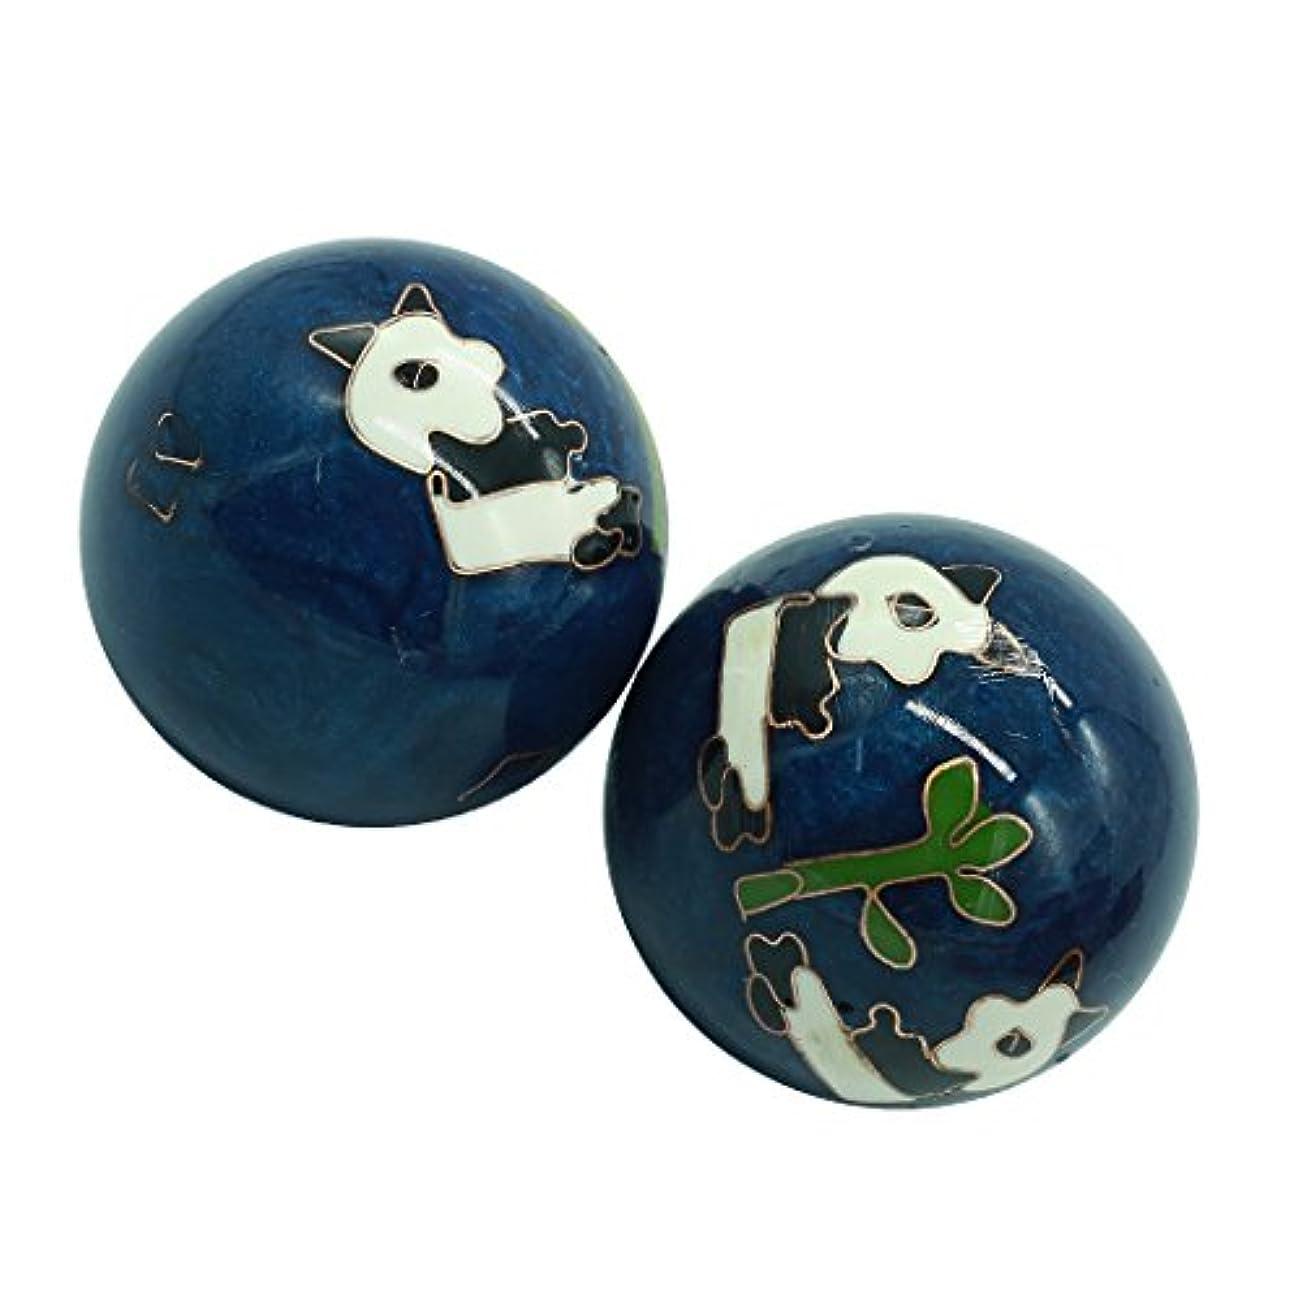 アンタゴニストバルコニー愛人風水グッズ 健康球 健身球 脳 活性 ストレス トレーニング器具 手の機能回復 2個 パンダ (青い, 35mm) INB167